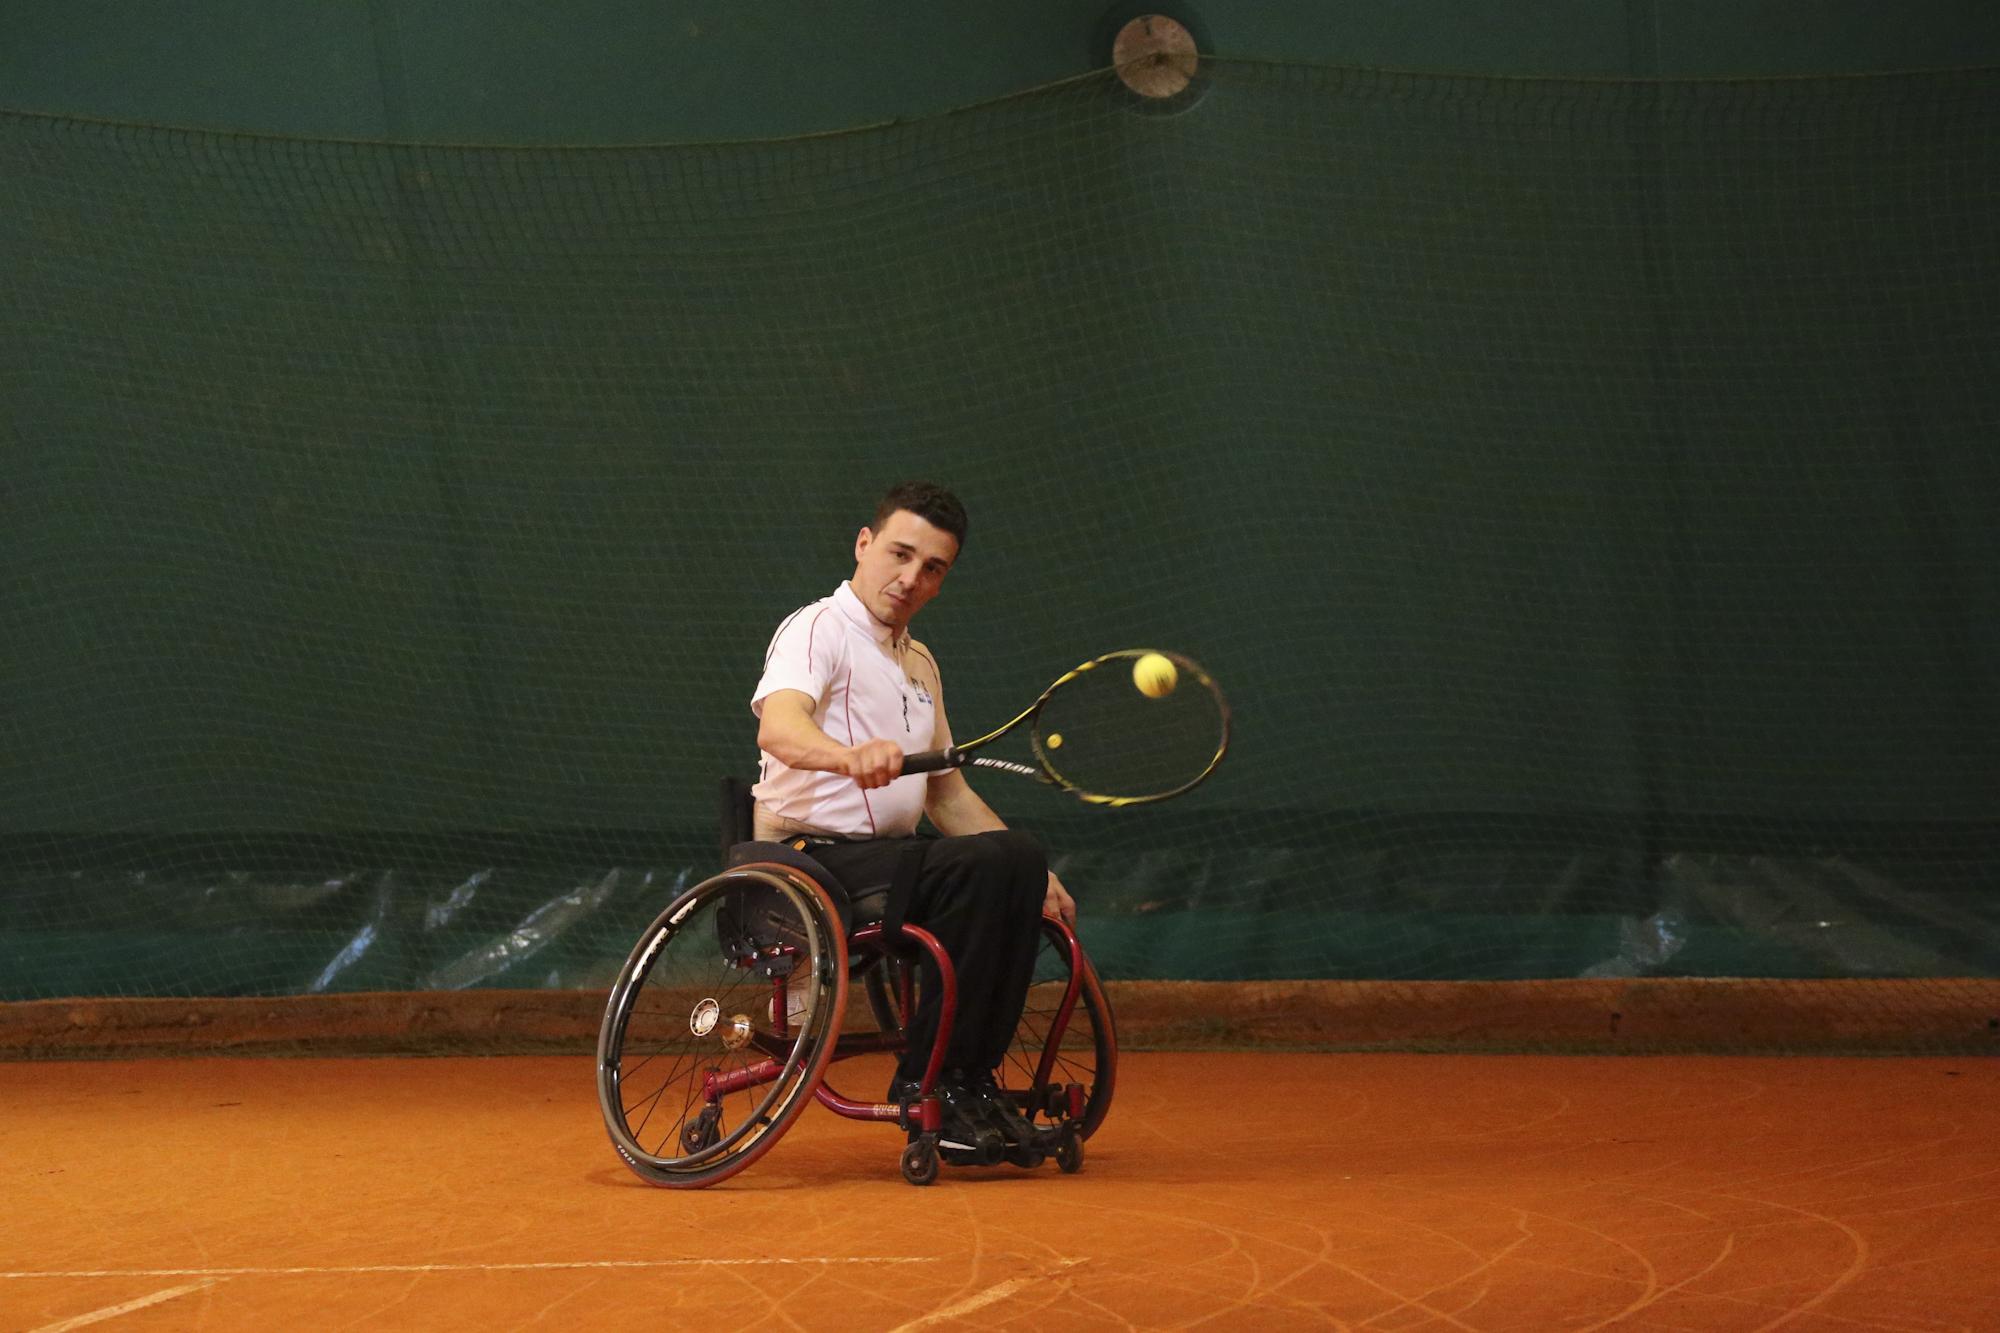 cip_tennis_2013CZ4Q0040